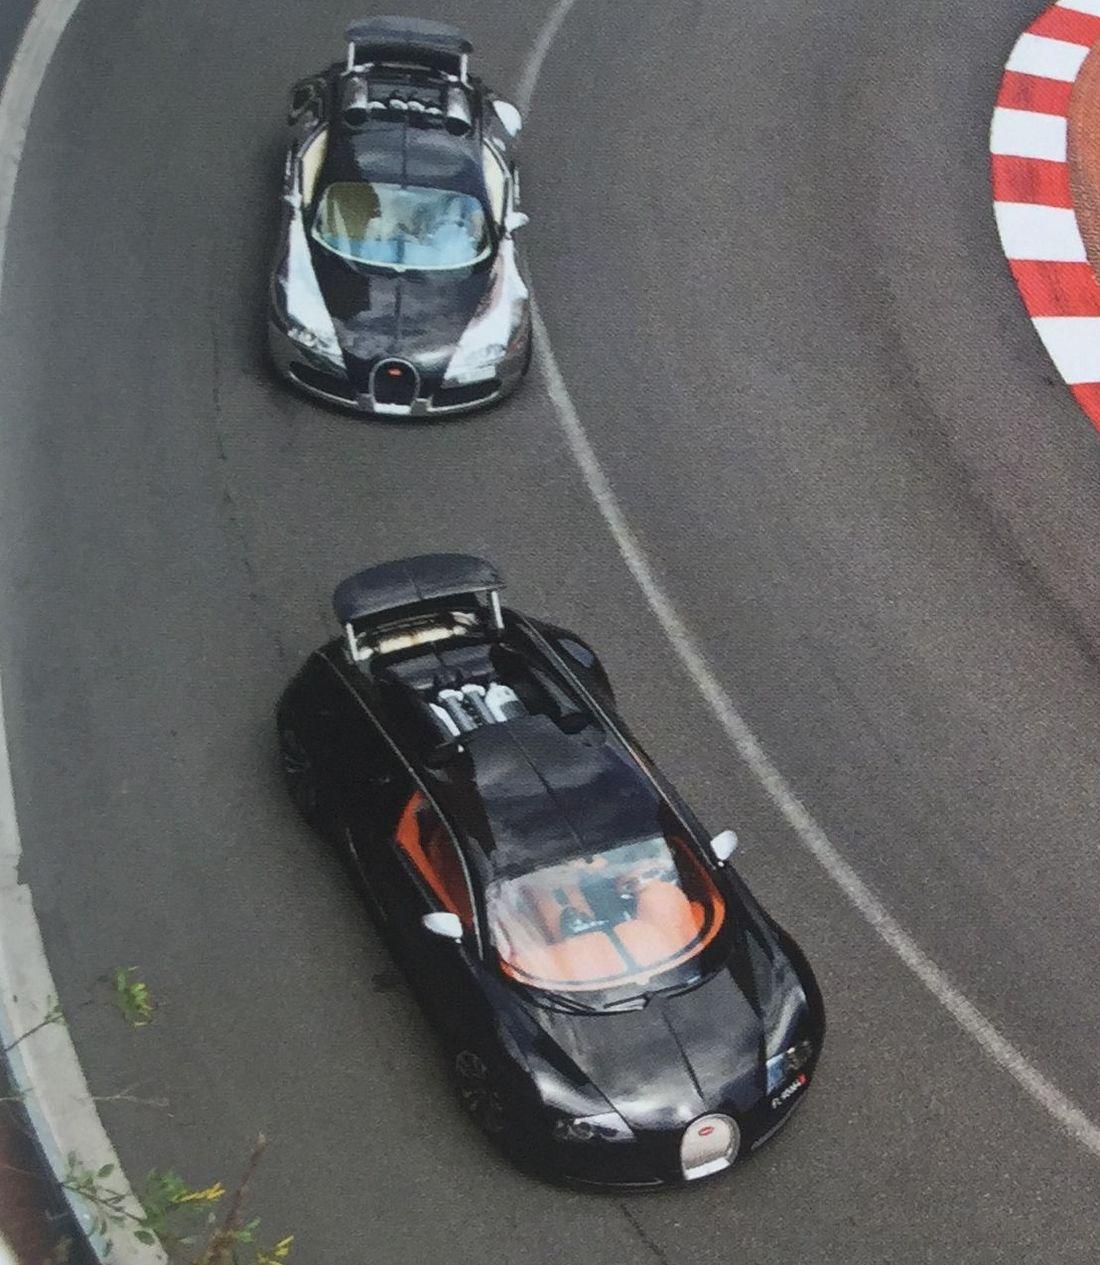 Bugatti Veyron 16.4 Pur Sang, Bugatti Veyron 16.4 Sang Noir